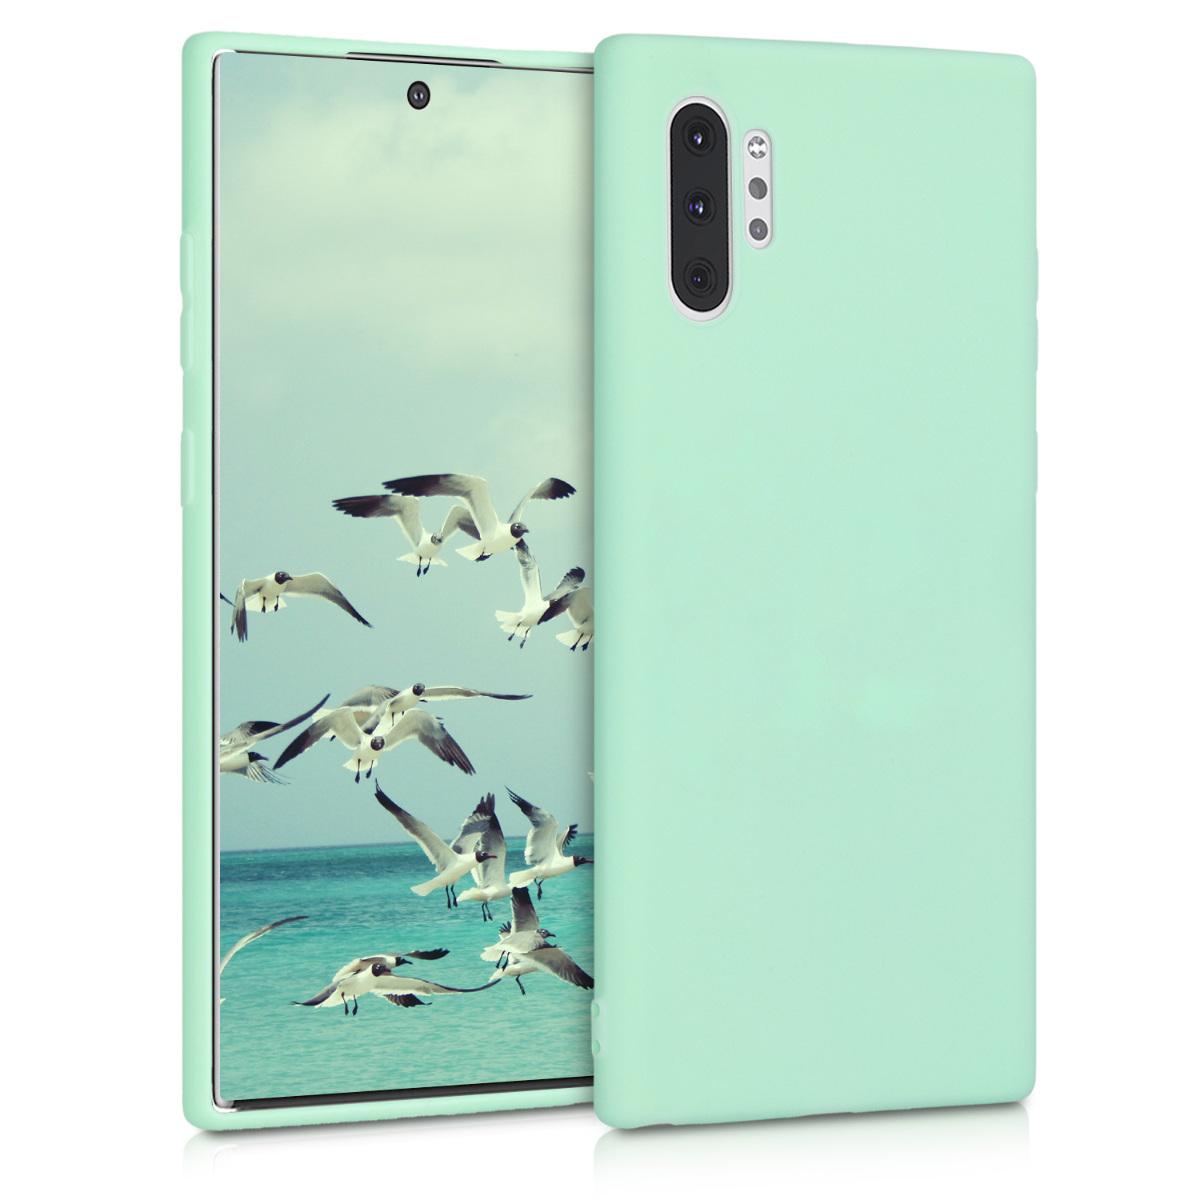 Kvalitní silikonové TPU pouzdro pro Samsung Note 10 Plus - mint zelené matné